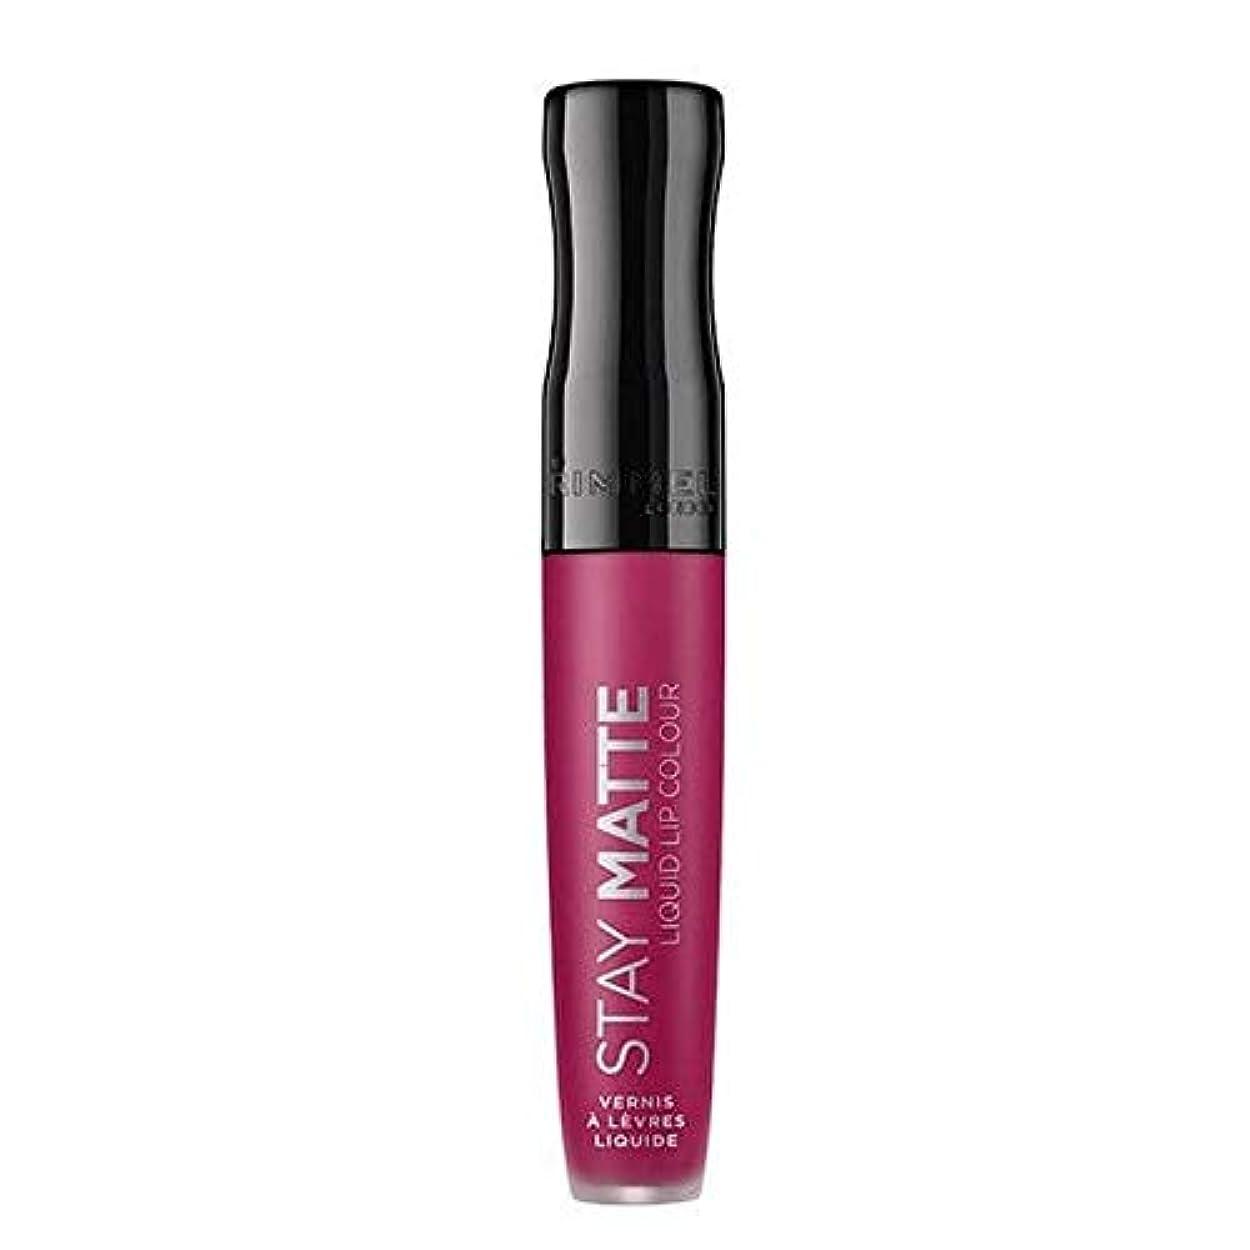 粘液厚くするメイン[Rimmel ] リンメルステイマット液状口紅ハートビート820 - Rimmel Stay Matte Liquid Lipstick Heartbeat 820 [並行輸入品]